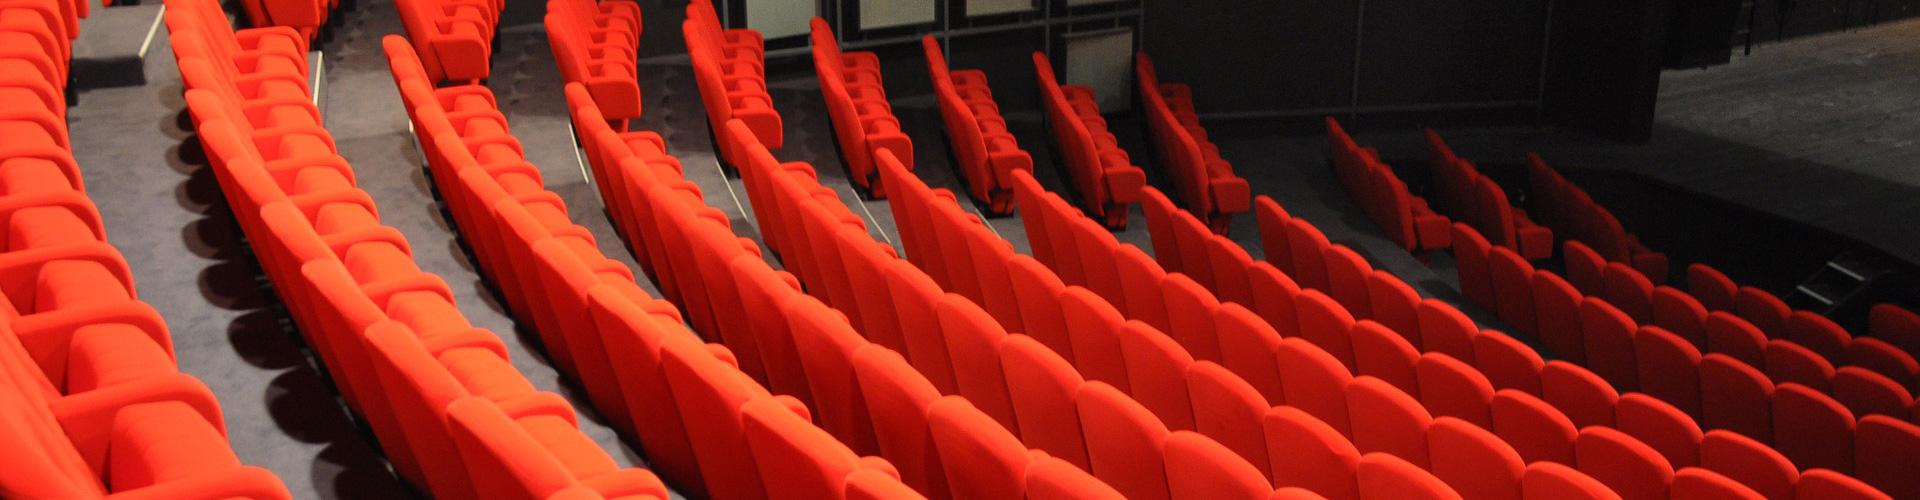 LA MJC propose régulièrement des spectacles variés, le dimanche à 17h pour permettre d'y assister en famille